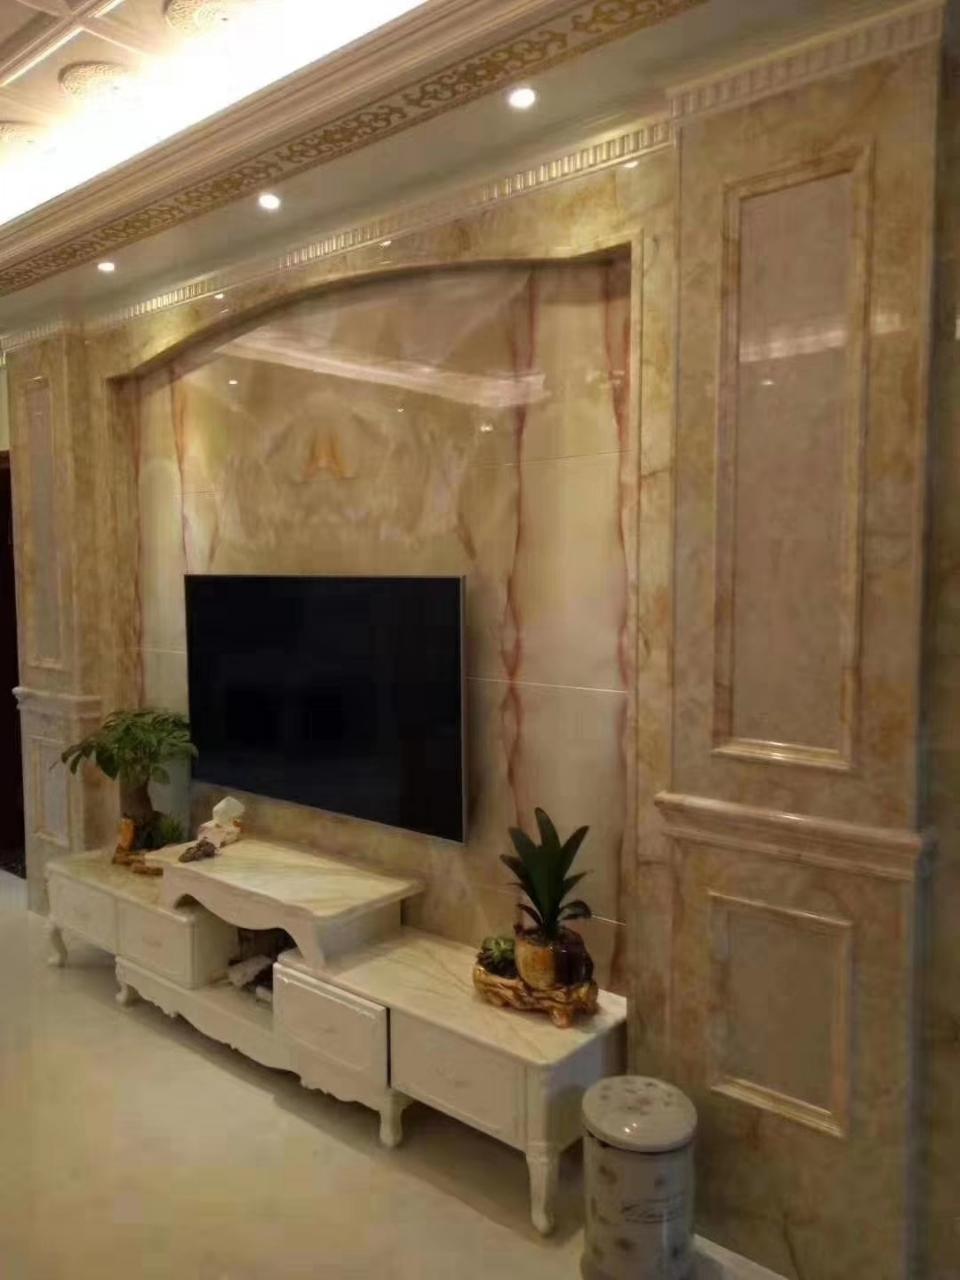 温泉小区安置房3室1厅1卫38.8万元